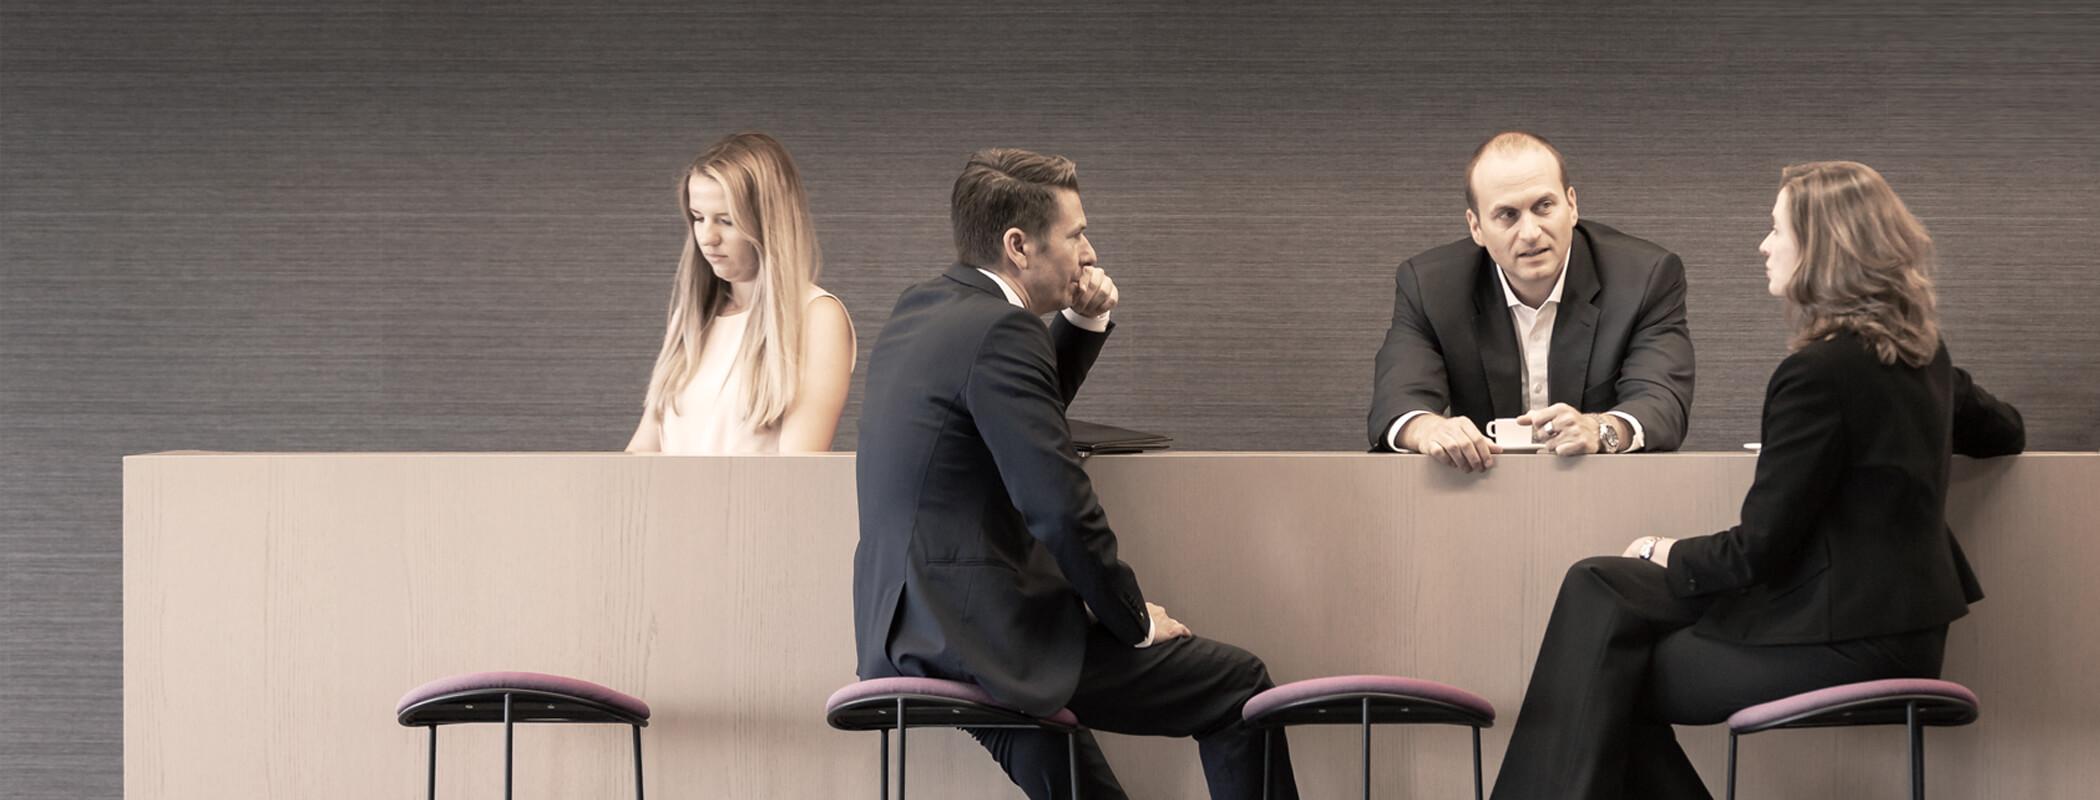 Unternehmenskauf in Sondersituationen (Distressed M&A)